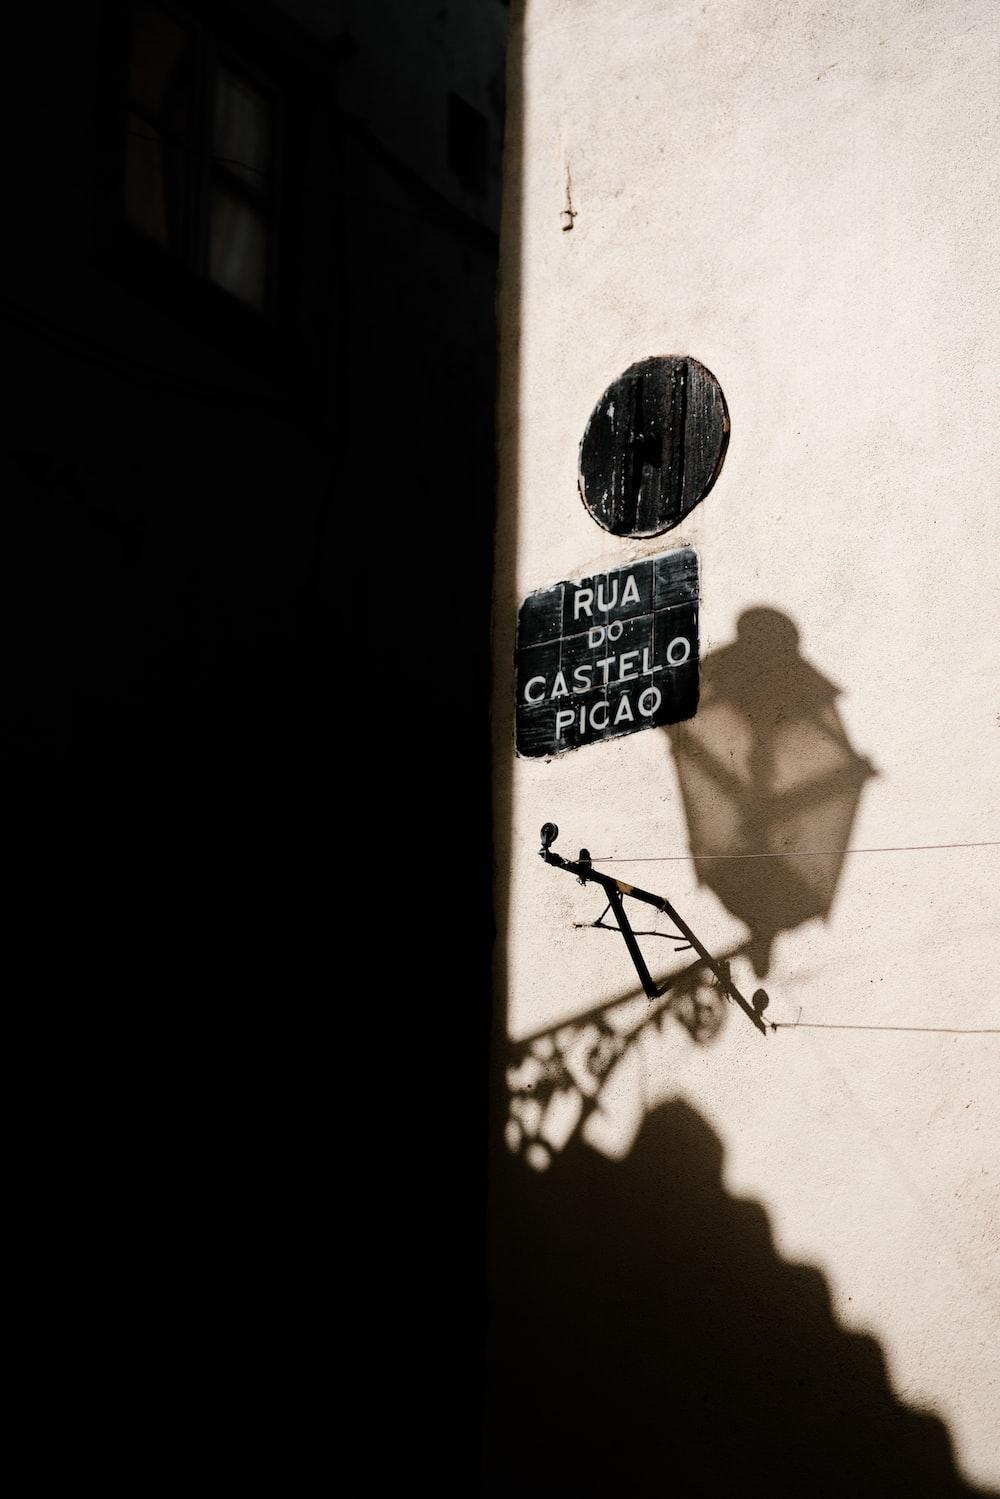 Rua Do Castelo Picao street signage